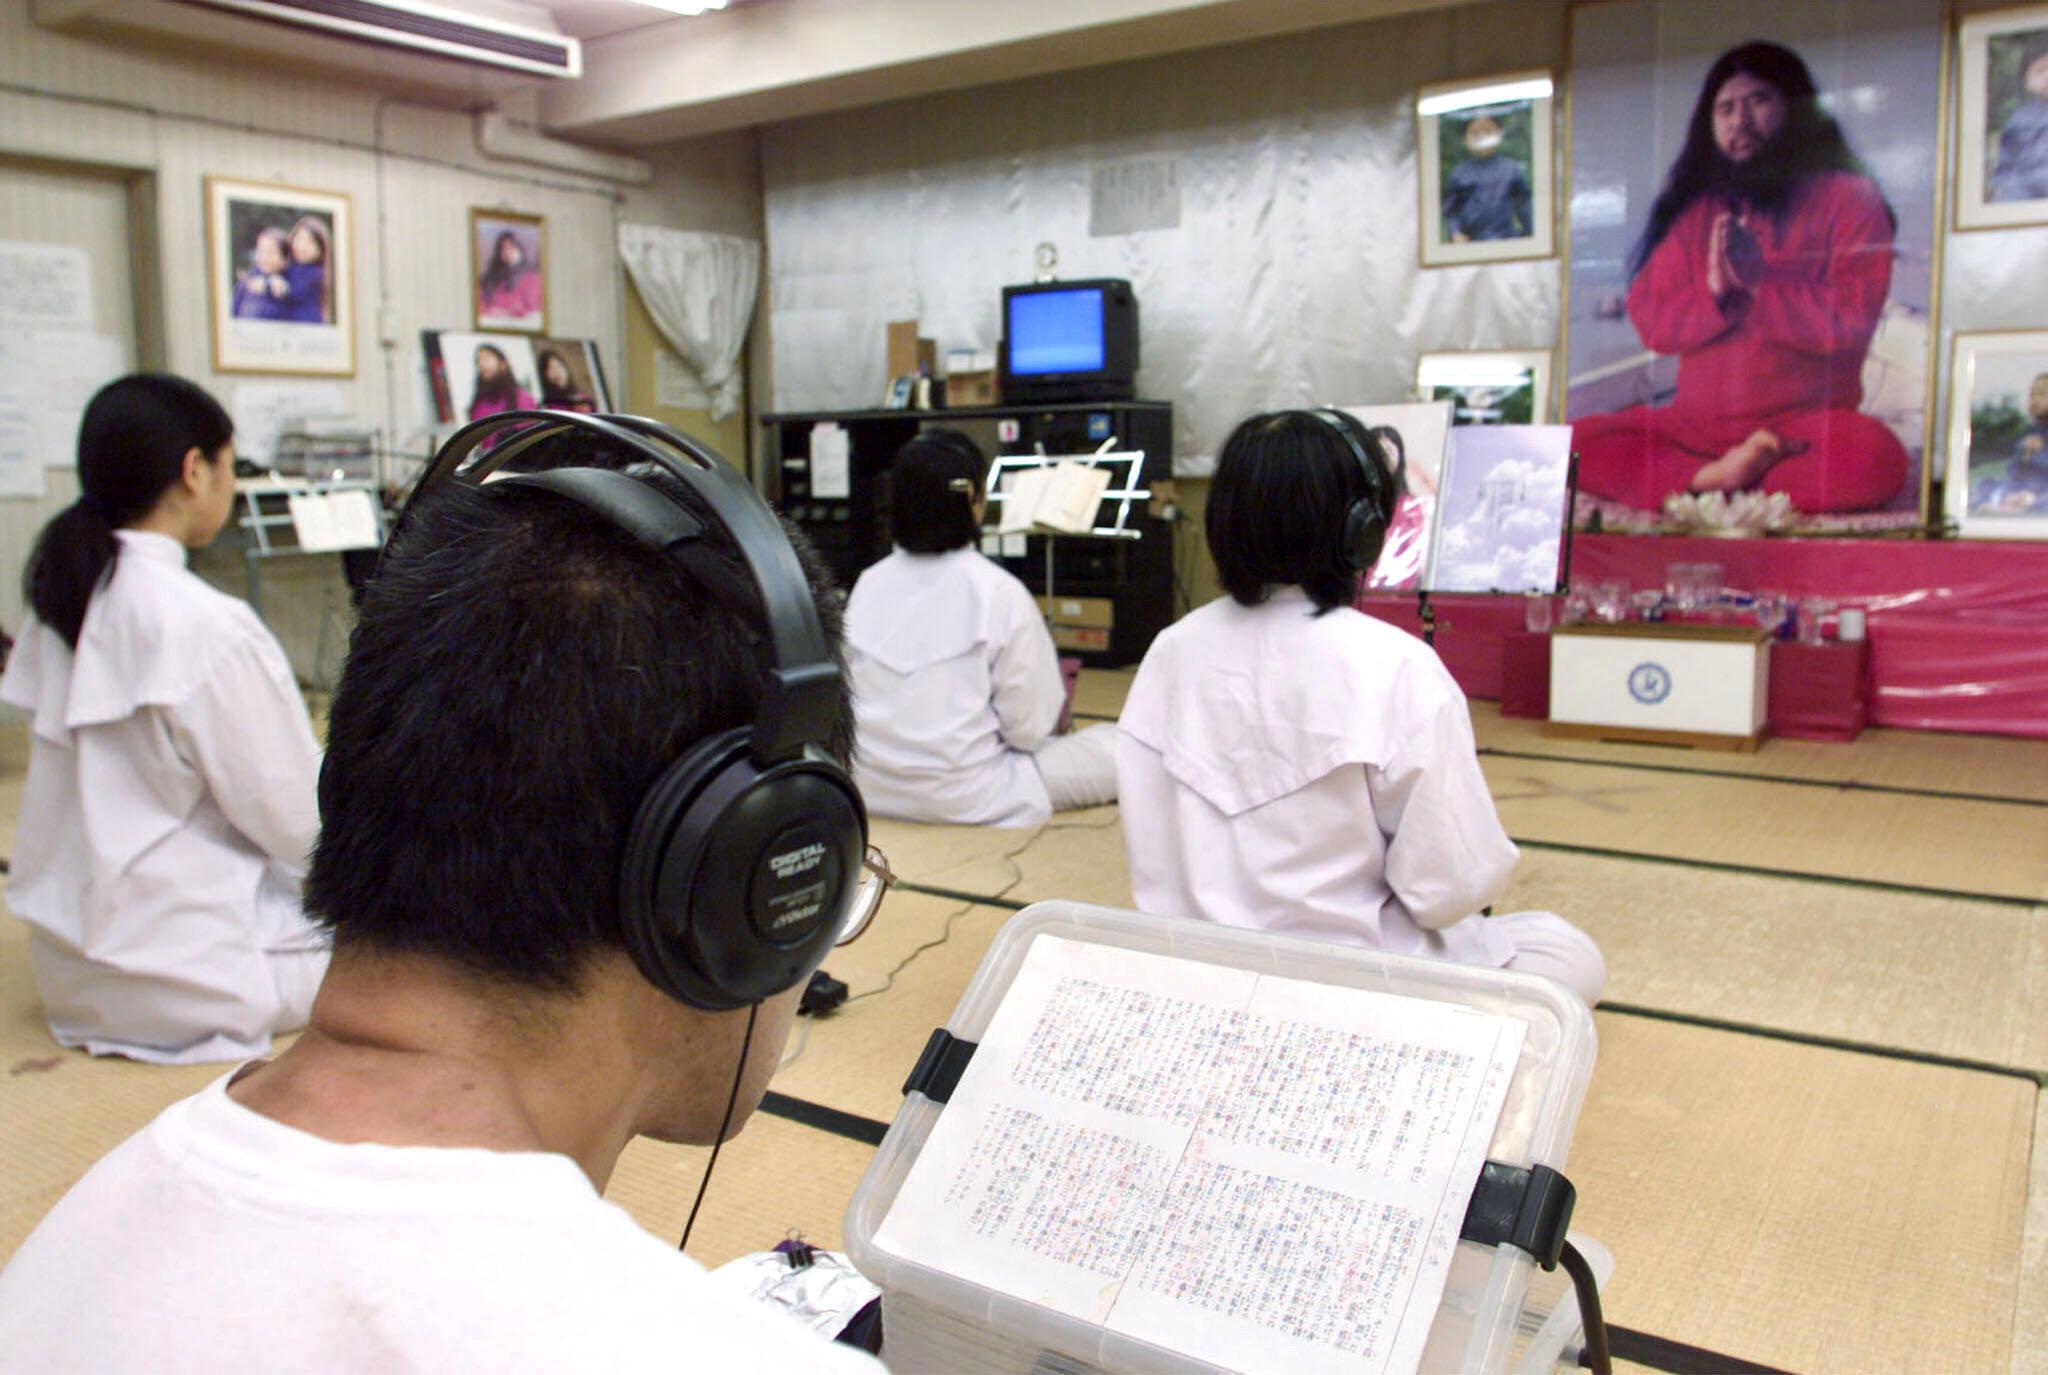 Seguidores da seita Aum diante de um retrato do guru Shoko Asahara em Tóquio, Japão, em 19 de julho de 1999.